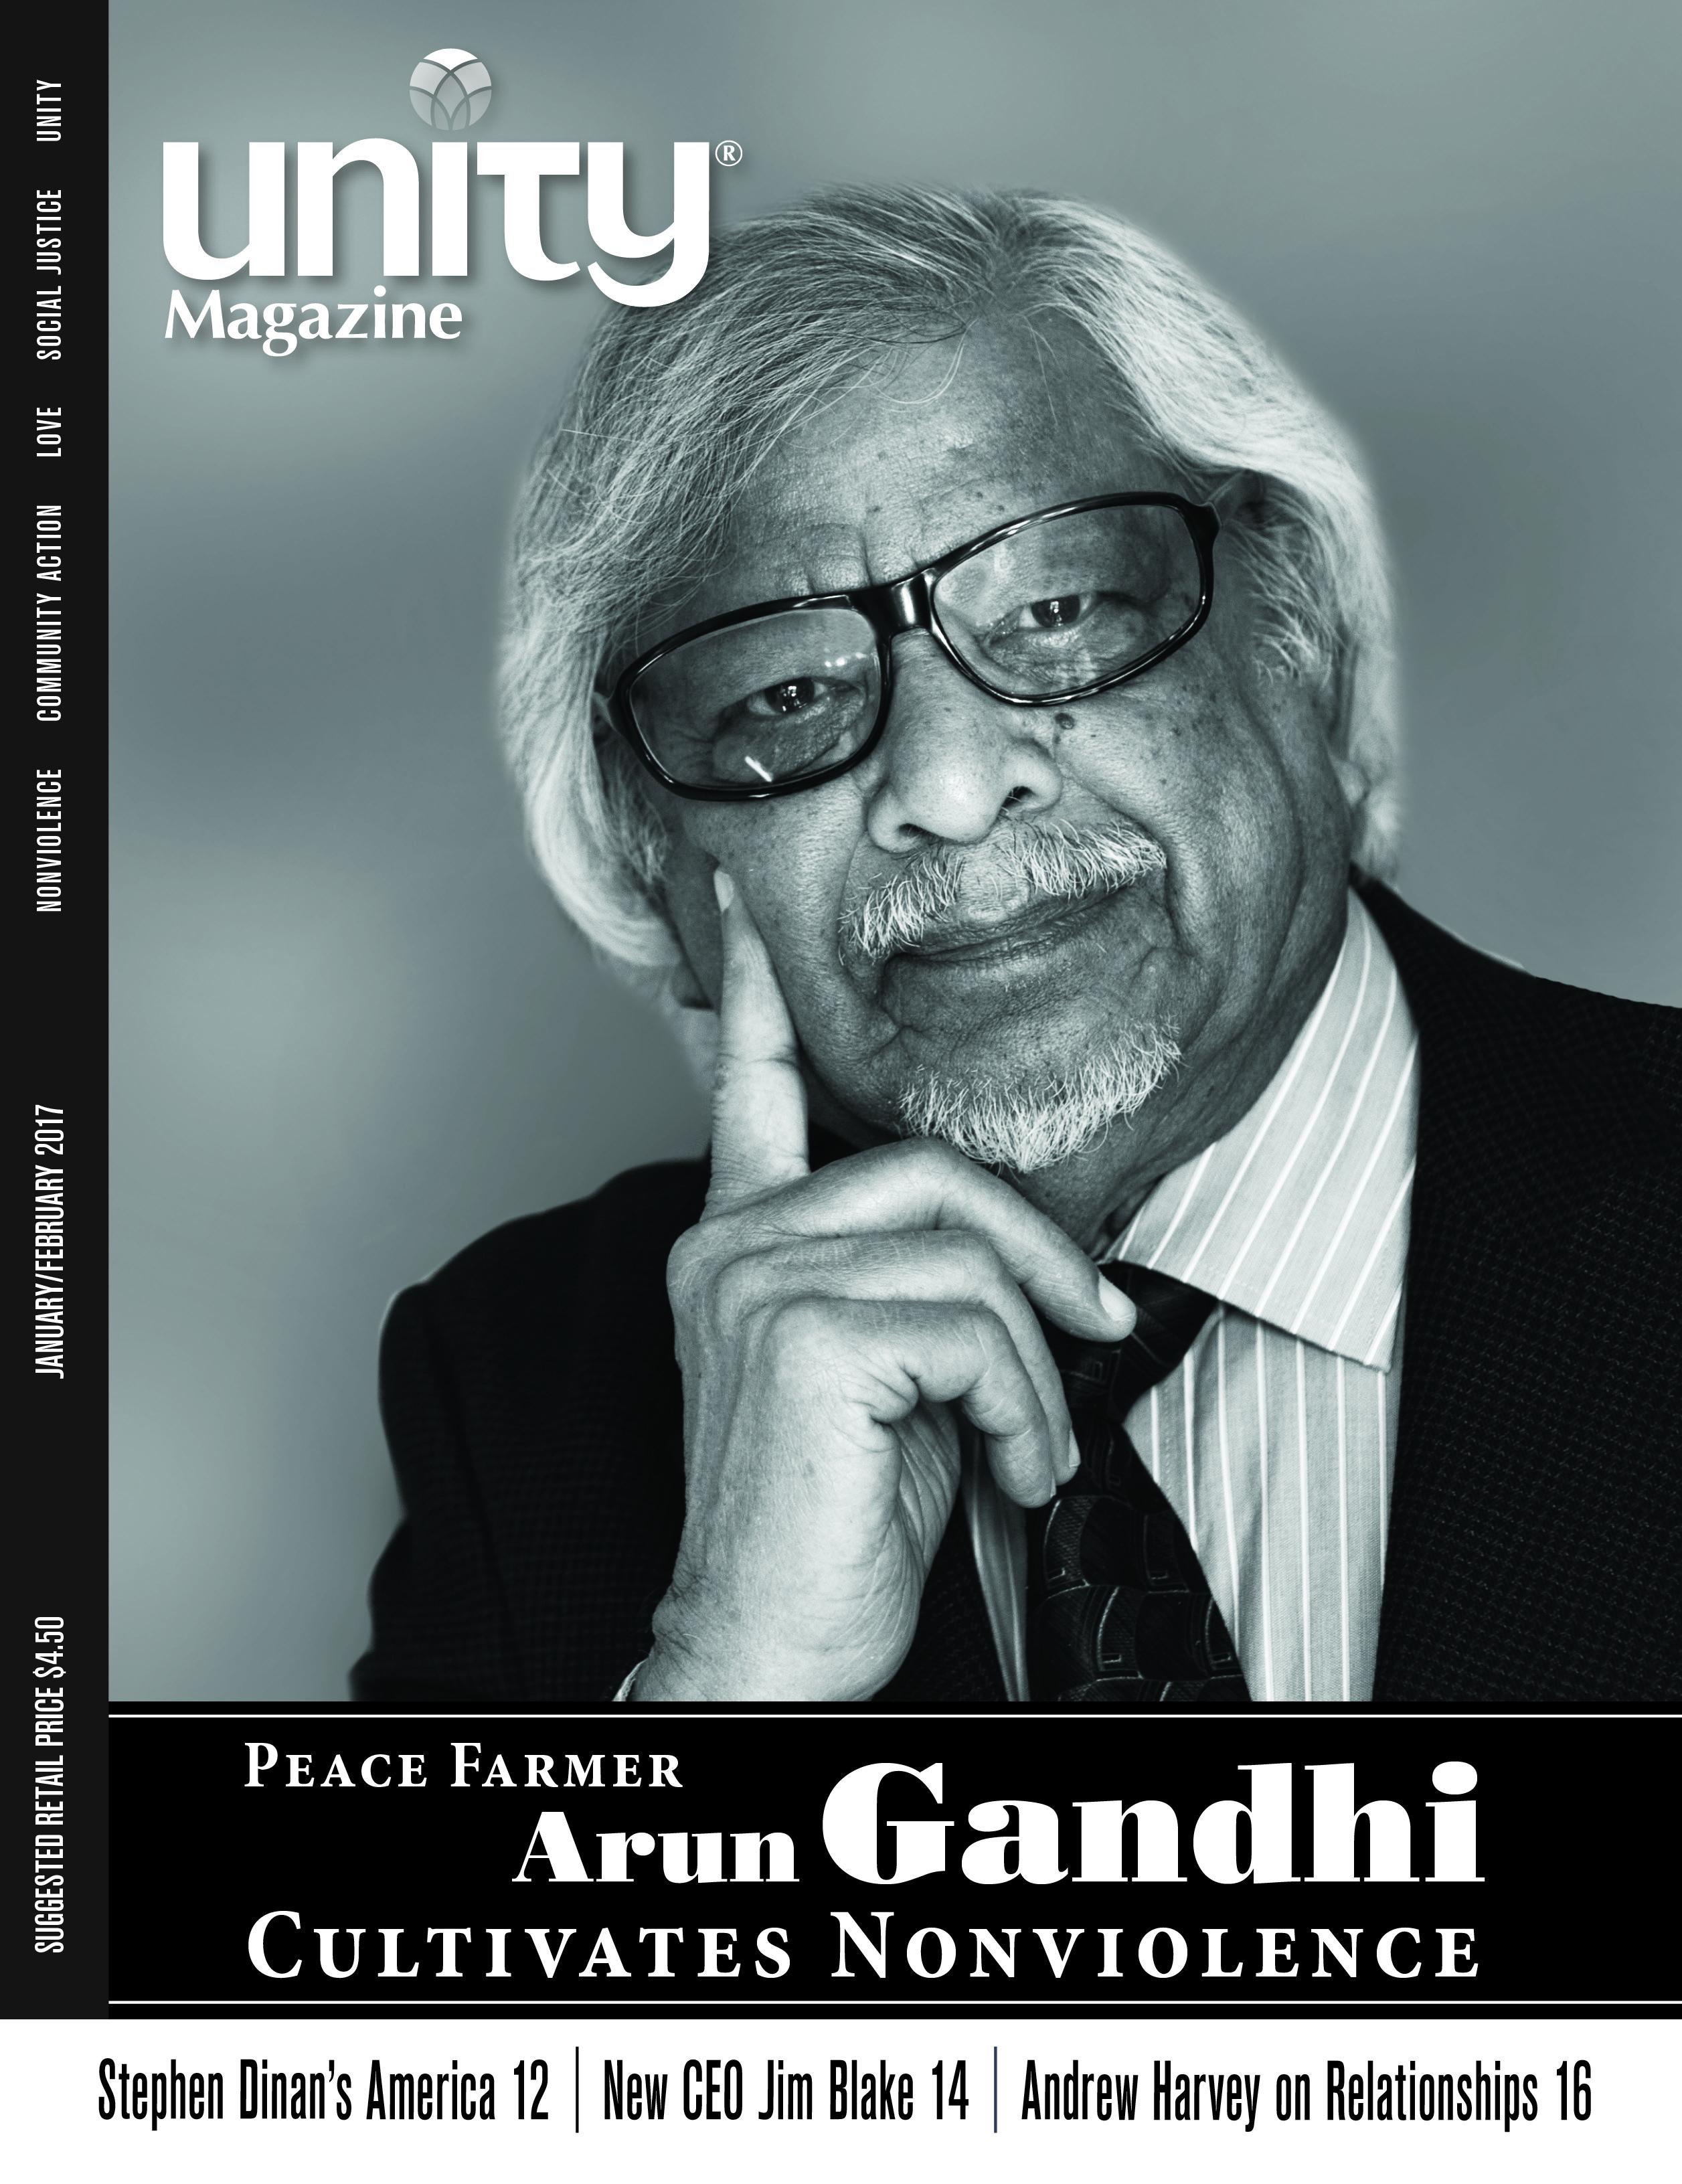 Unity Magazine January/February 2017